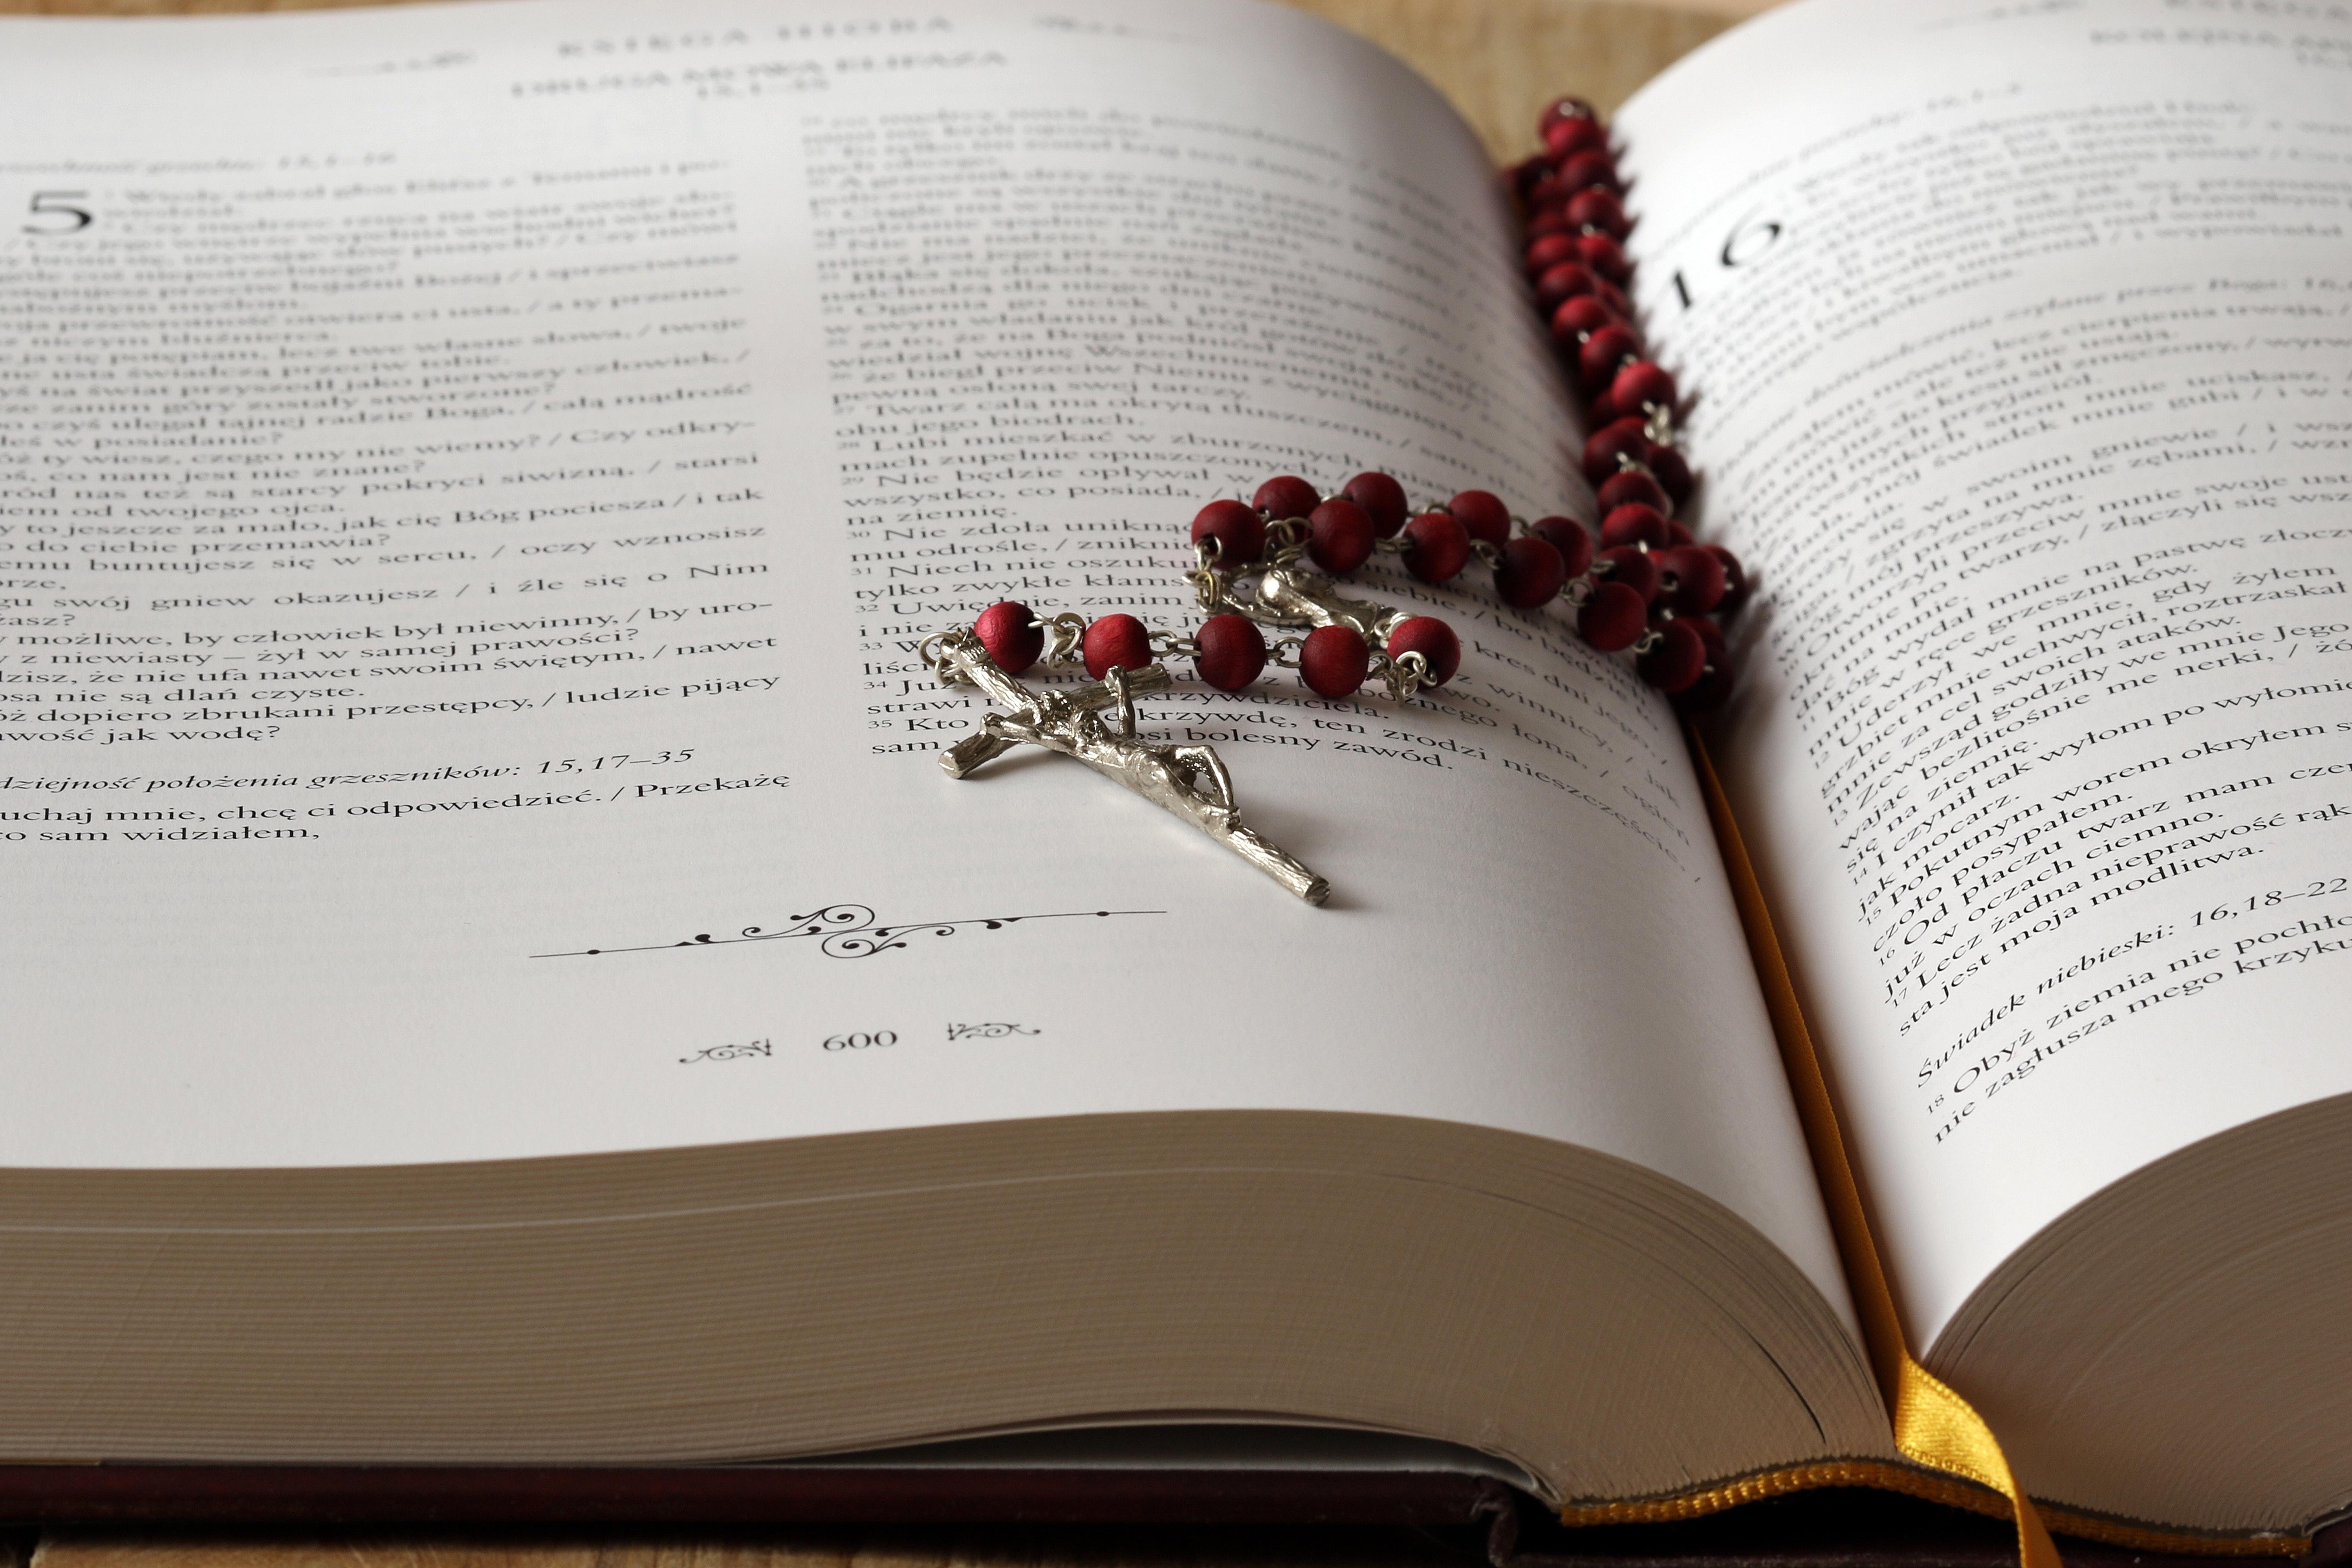 Duhovne spodbude v času epidemije in izrednih razmer